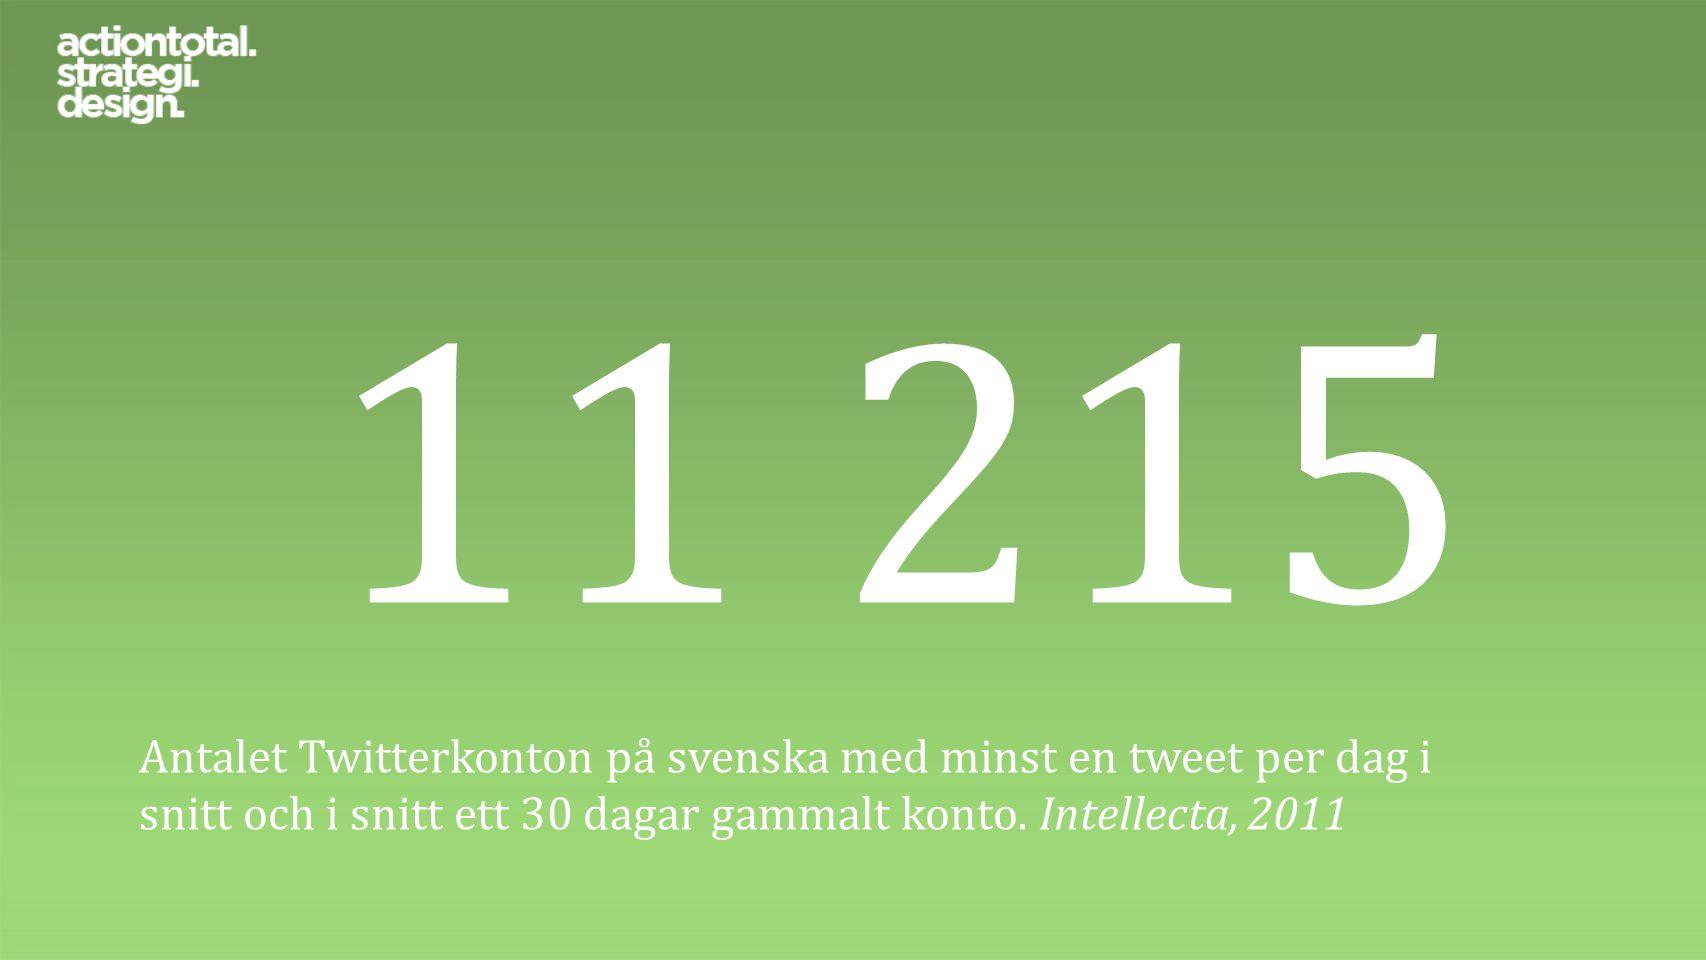 11 215 Antalet Twitterkonton på svenska med minst en tweet per dag i snitt och i snitt ett 30 dagar gammalt konto. Intellecta, 2011